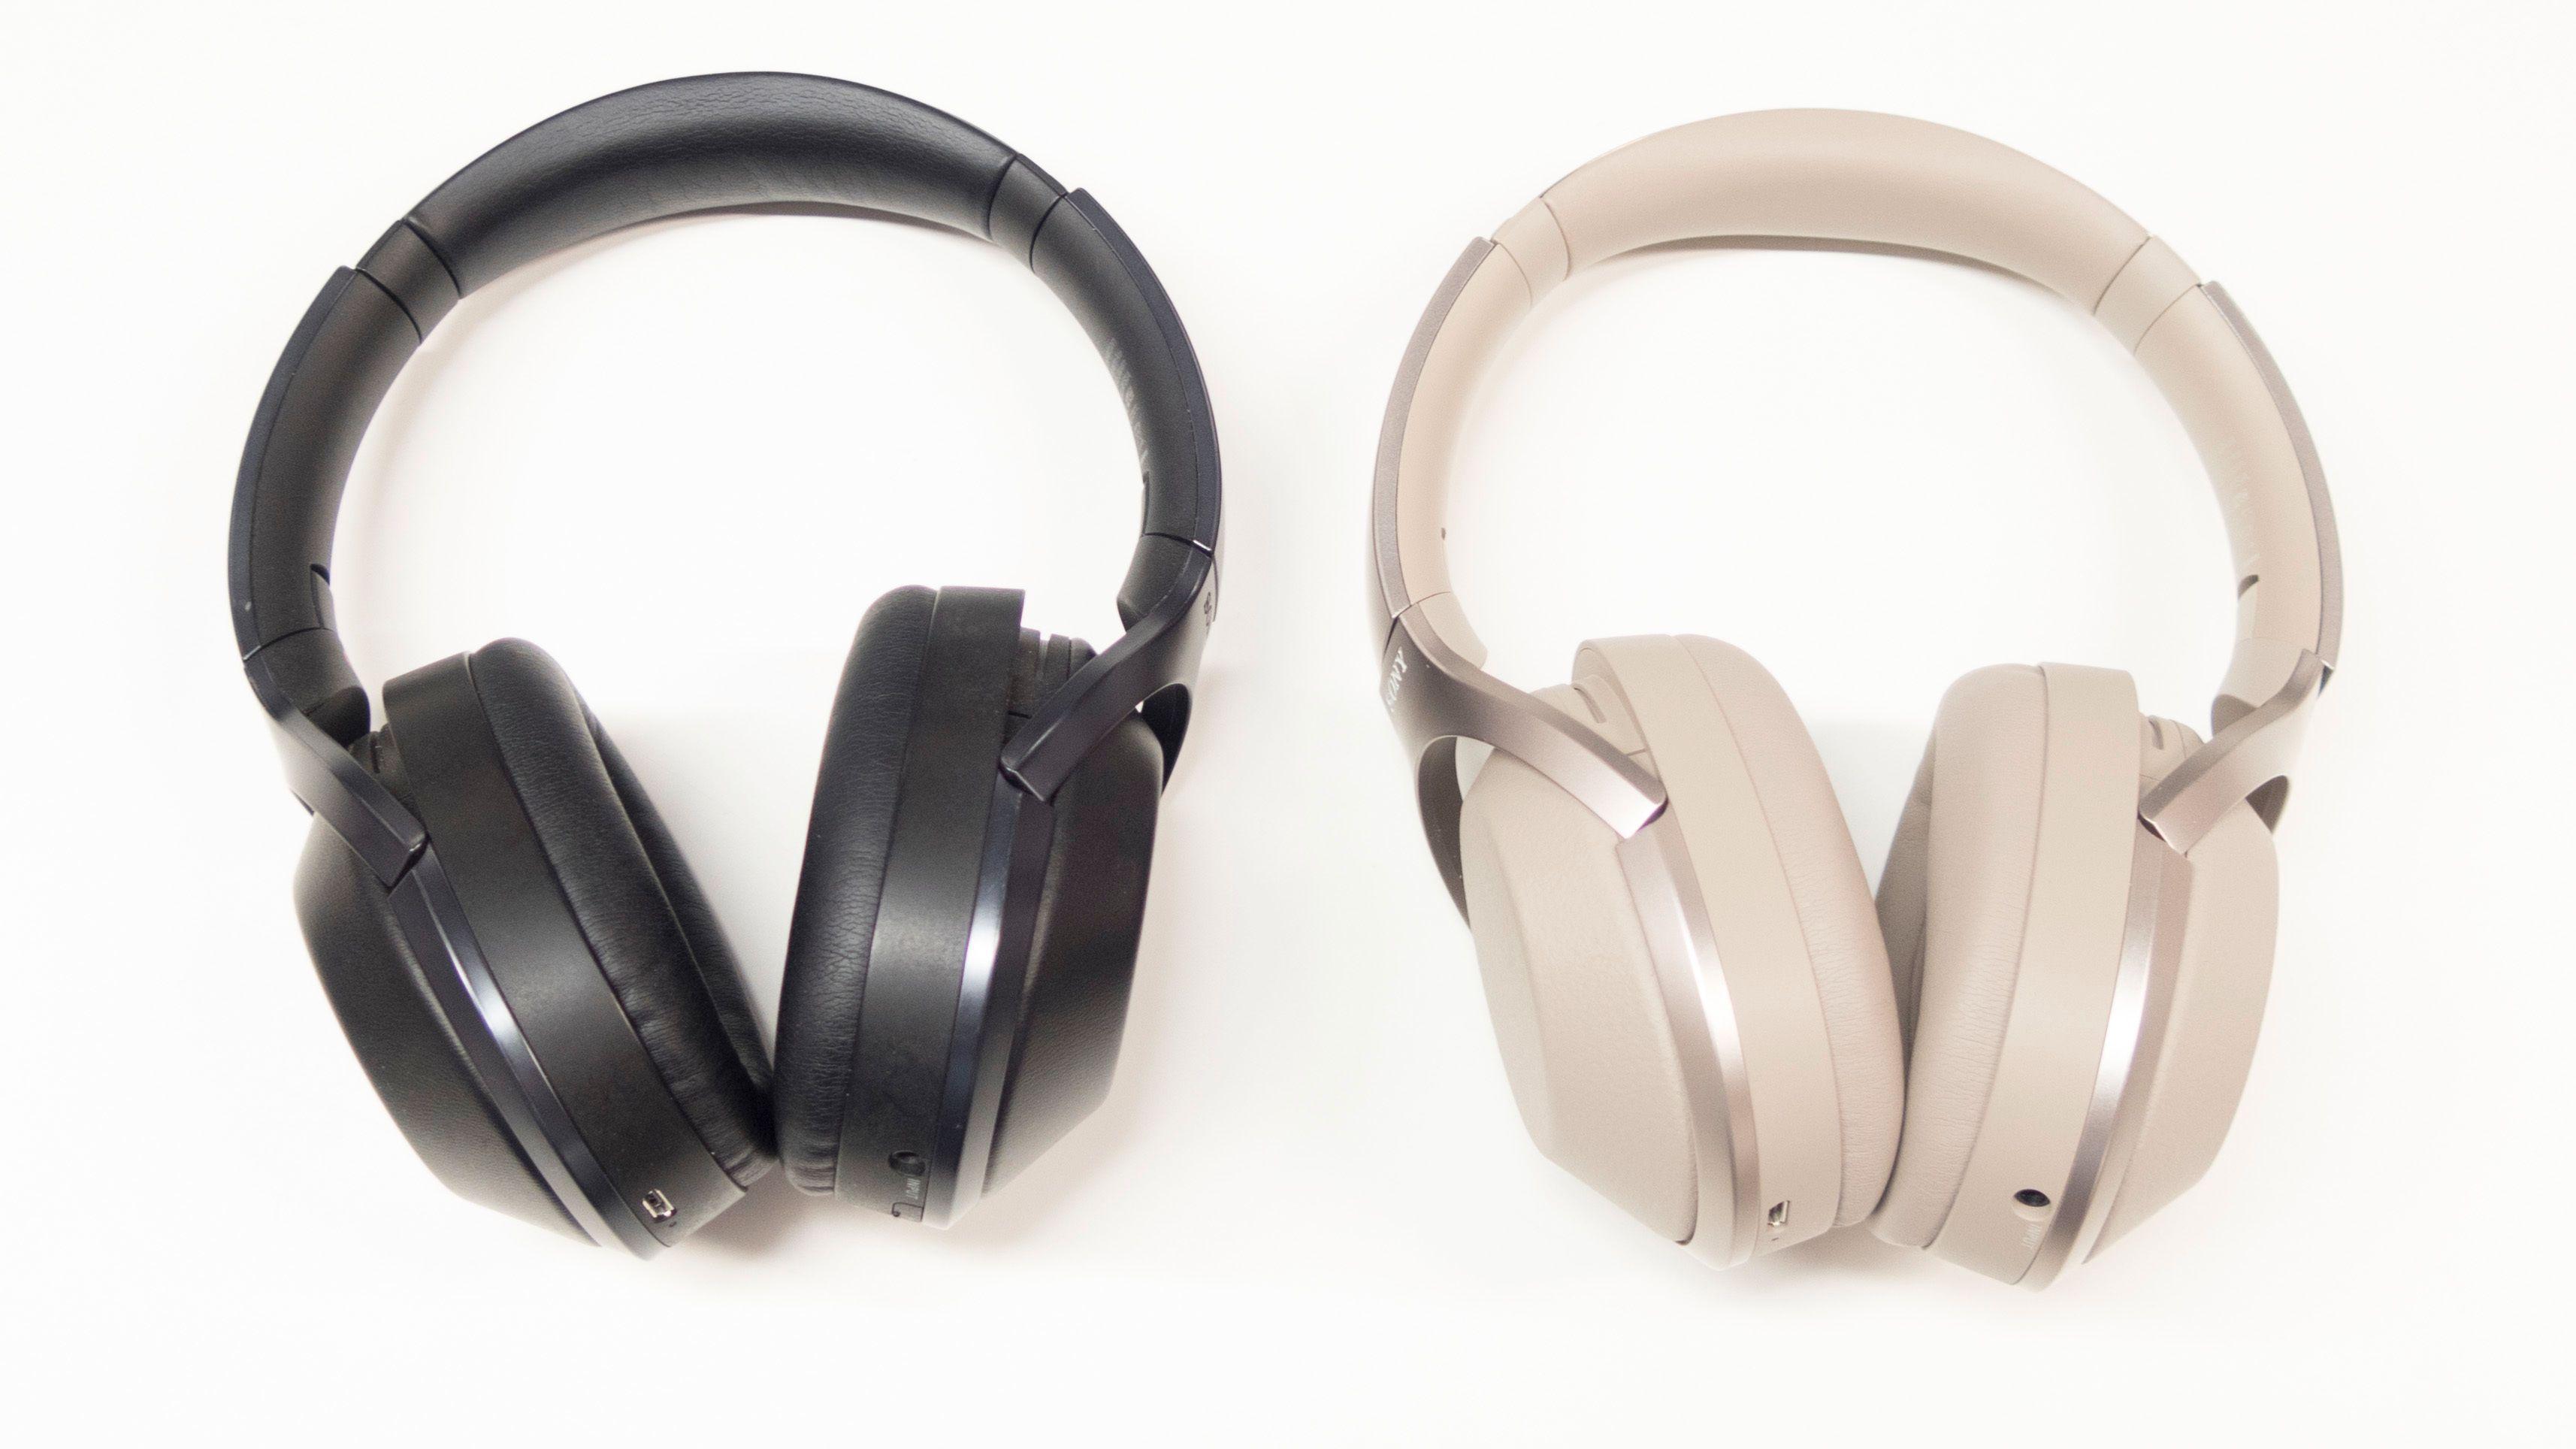 Sony MDR-1000X til venstre og Sony WH-1000XM2 til høyre.